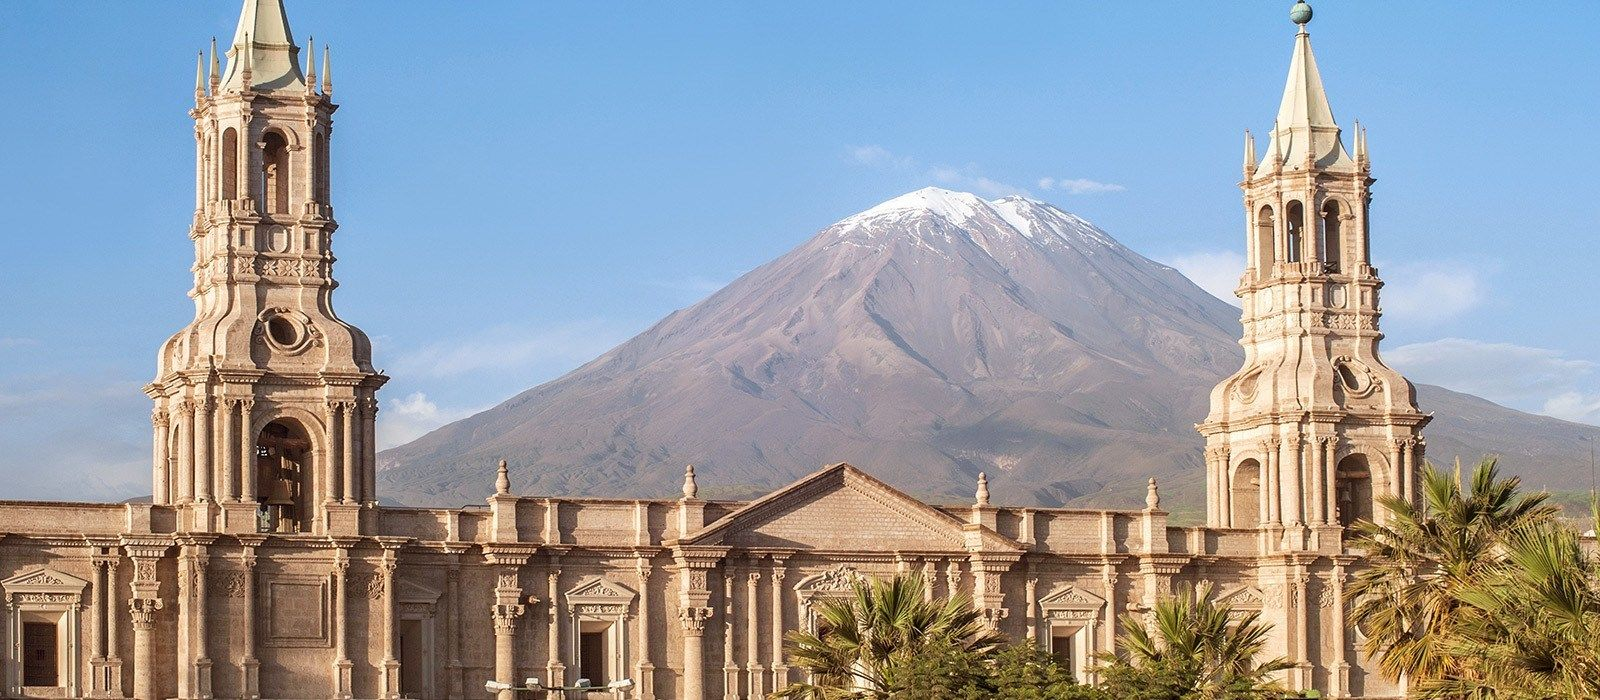 Destination Arequipa Peru